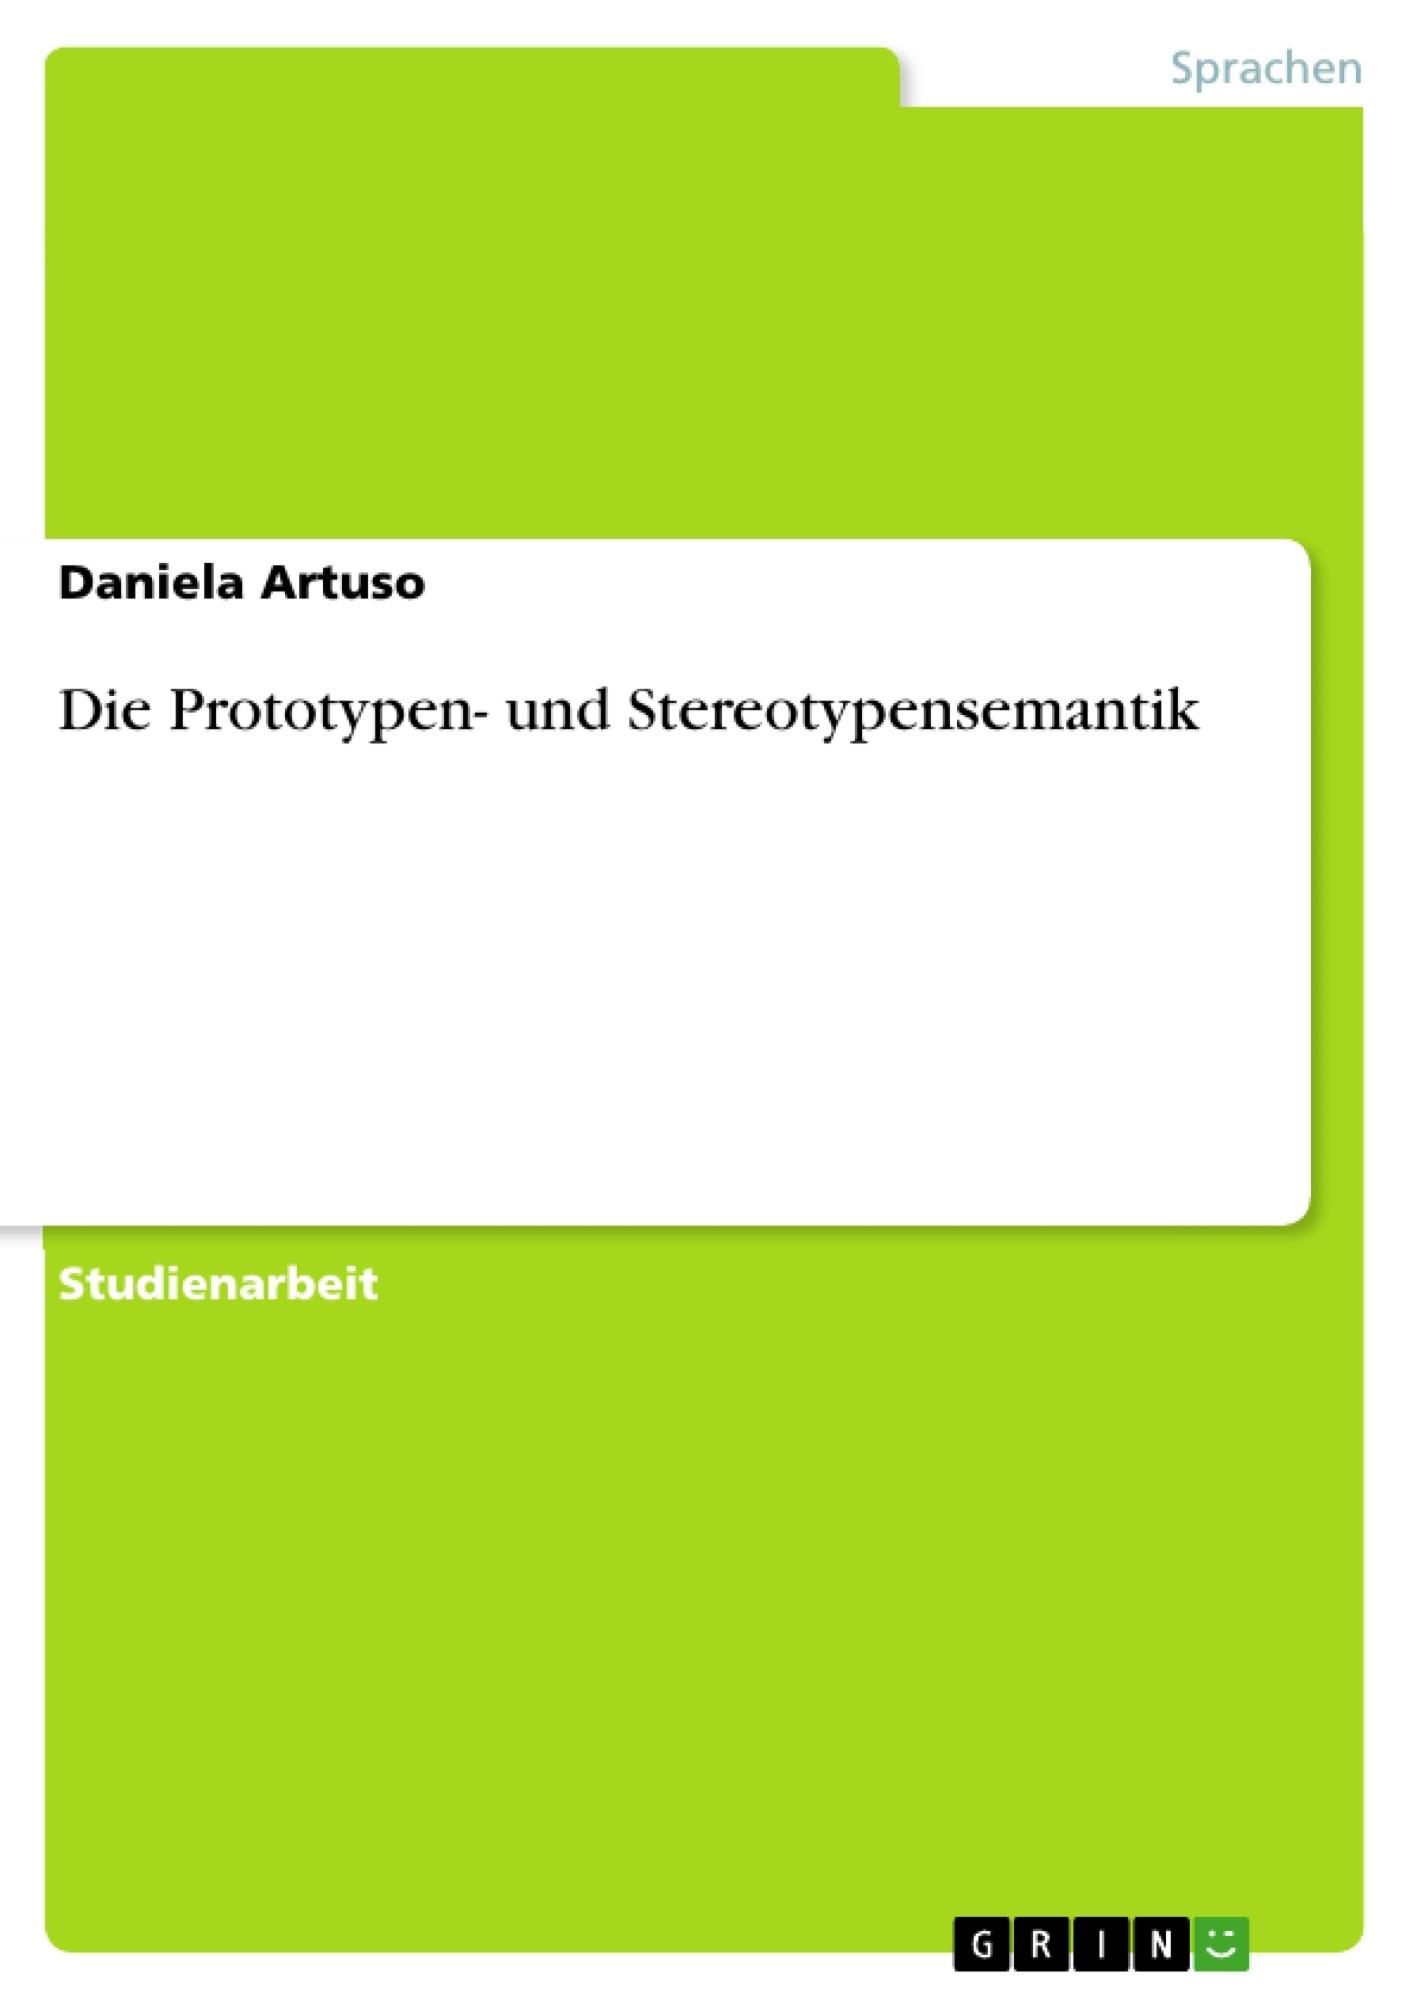 Titel: Die Prototypen- und Stereotypensemantik